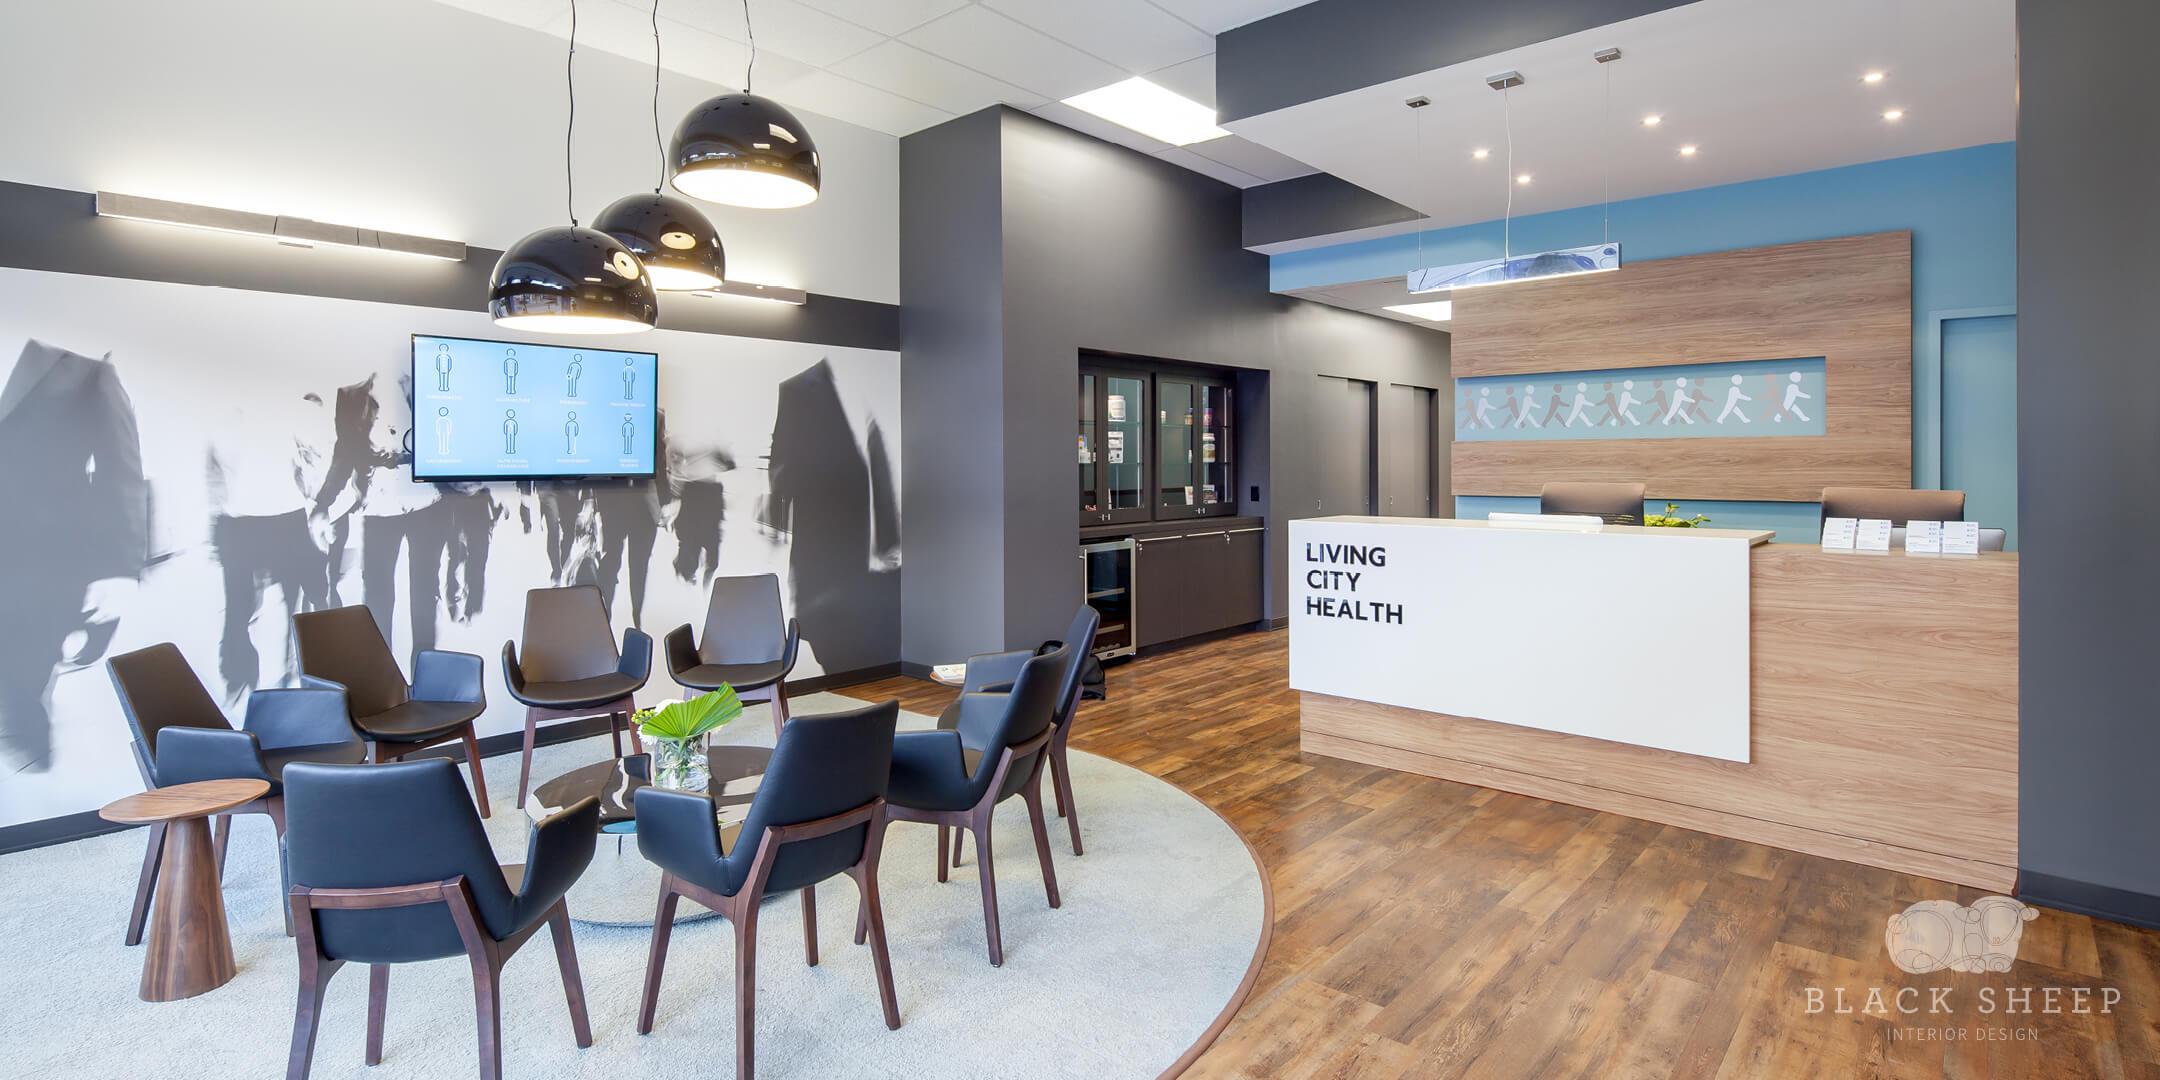 Black Sheep Interior Design - Living City Health 1